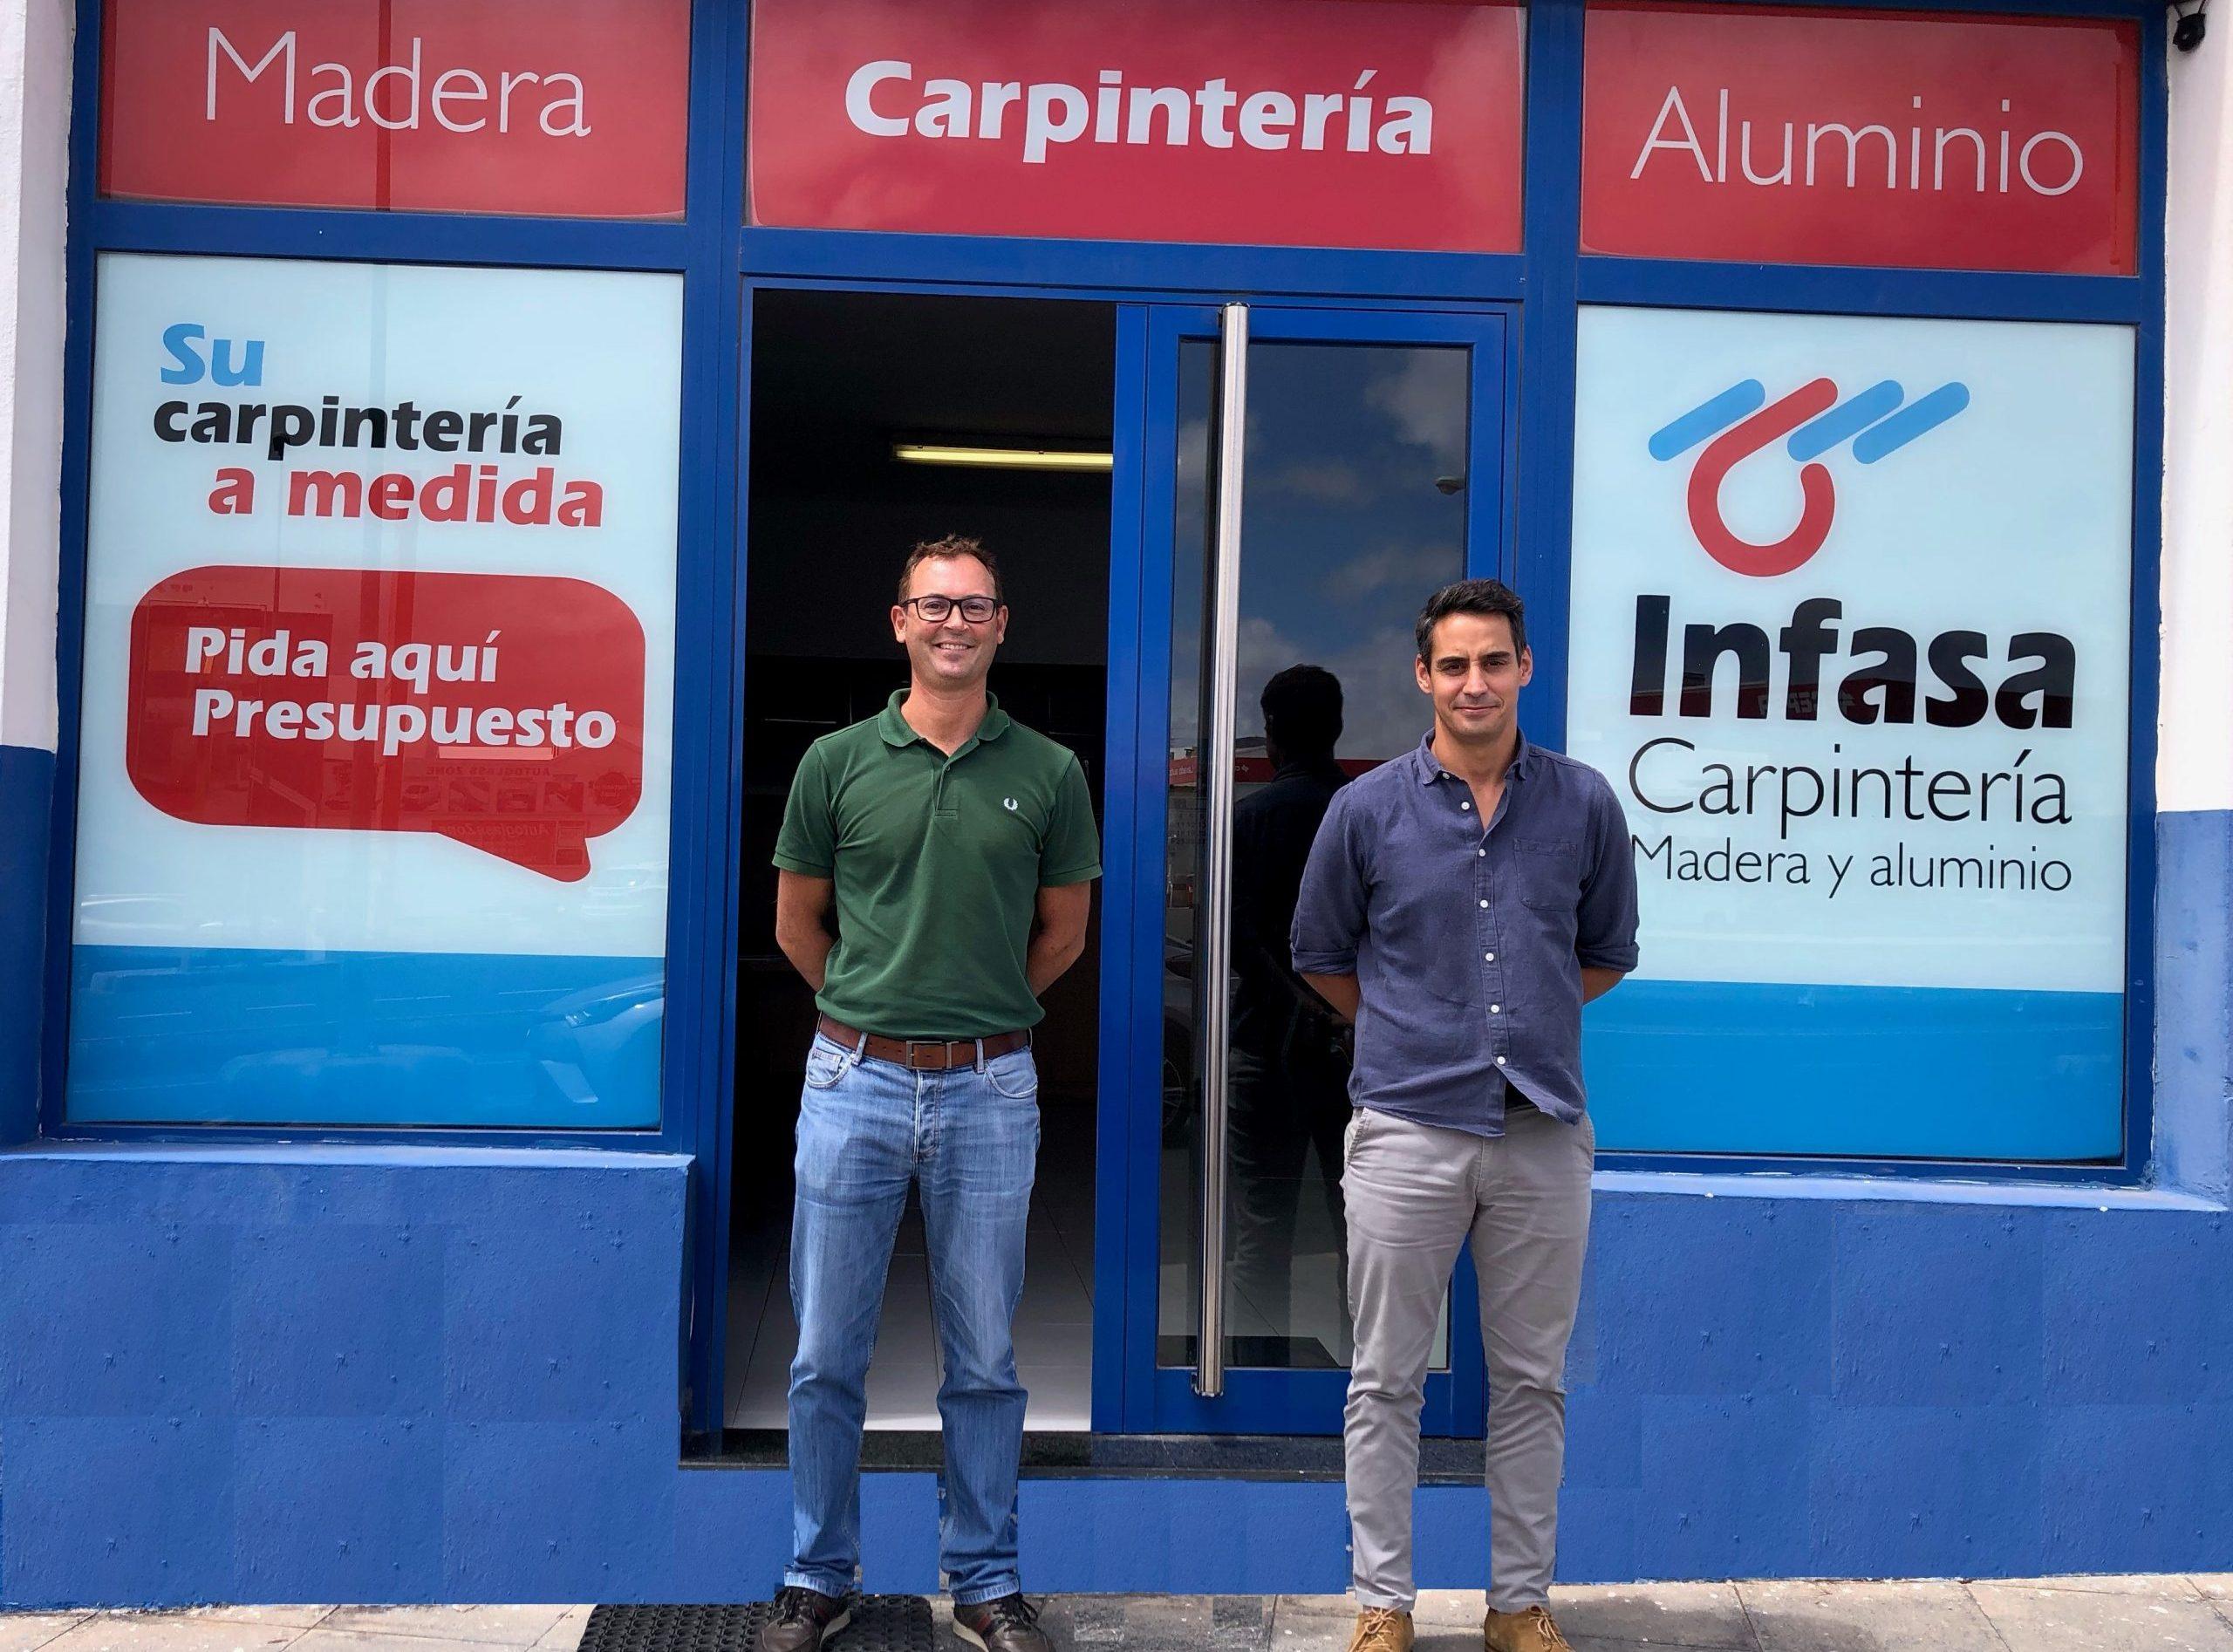 La innovación en una carpintería de Lanzarote permite digitalizar el proceso de corte de la mano de la Red CIDE